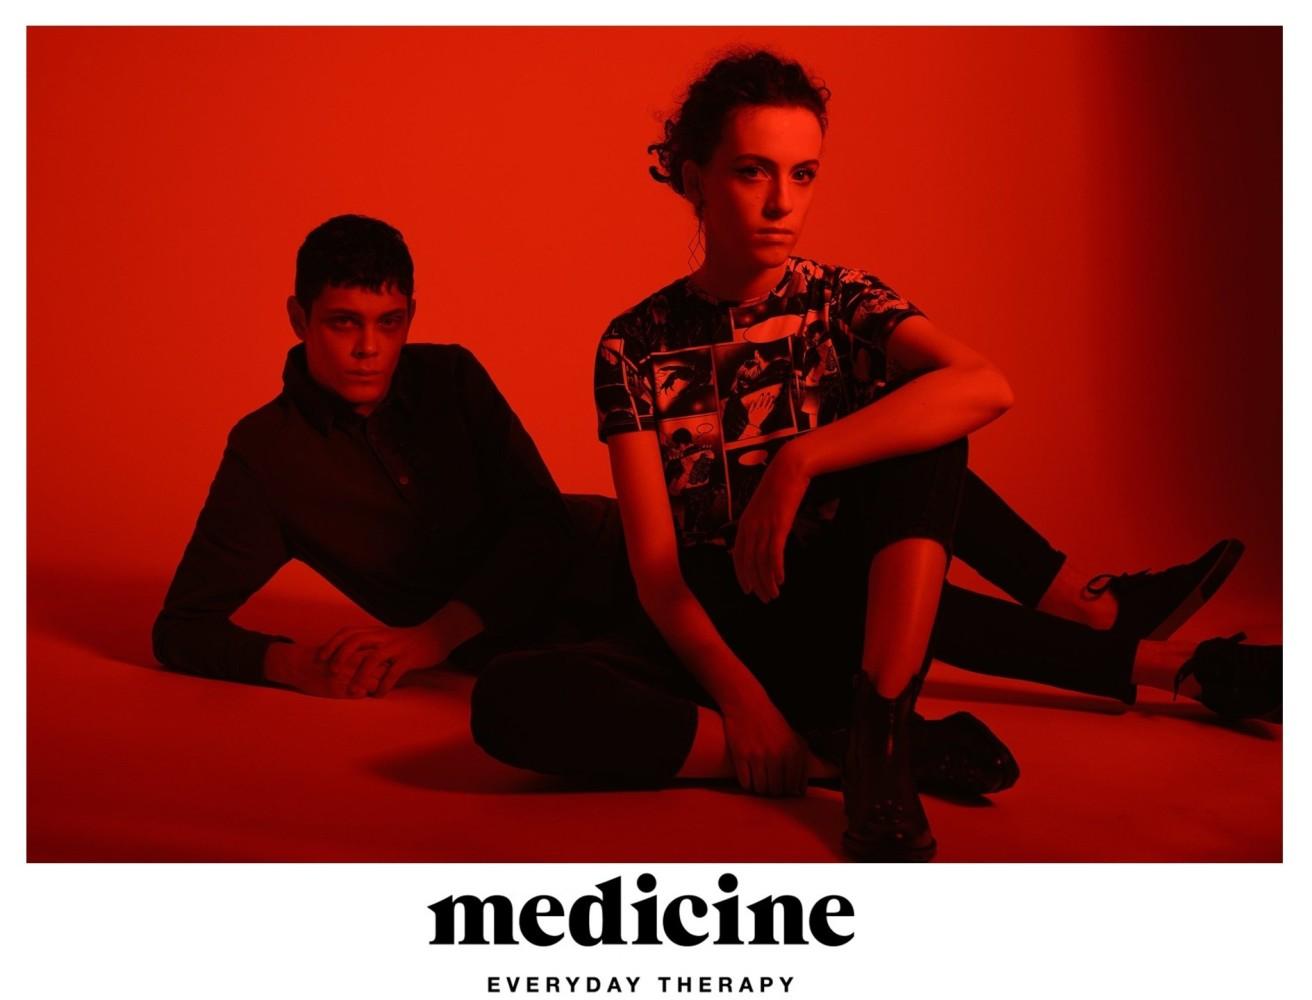 Emma Leveilley & Ihor Liubchenko for MEDICINE Valentine's Collection 2020